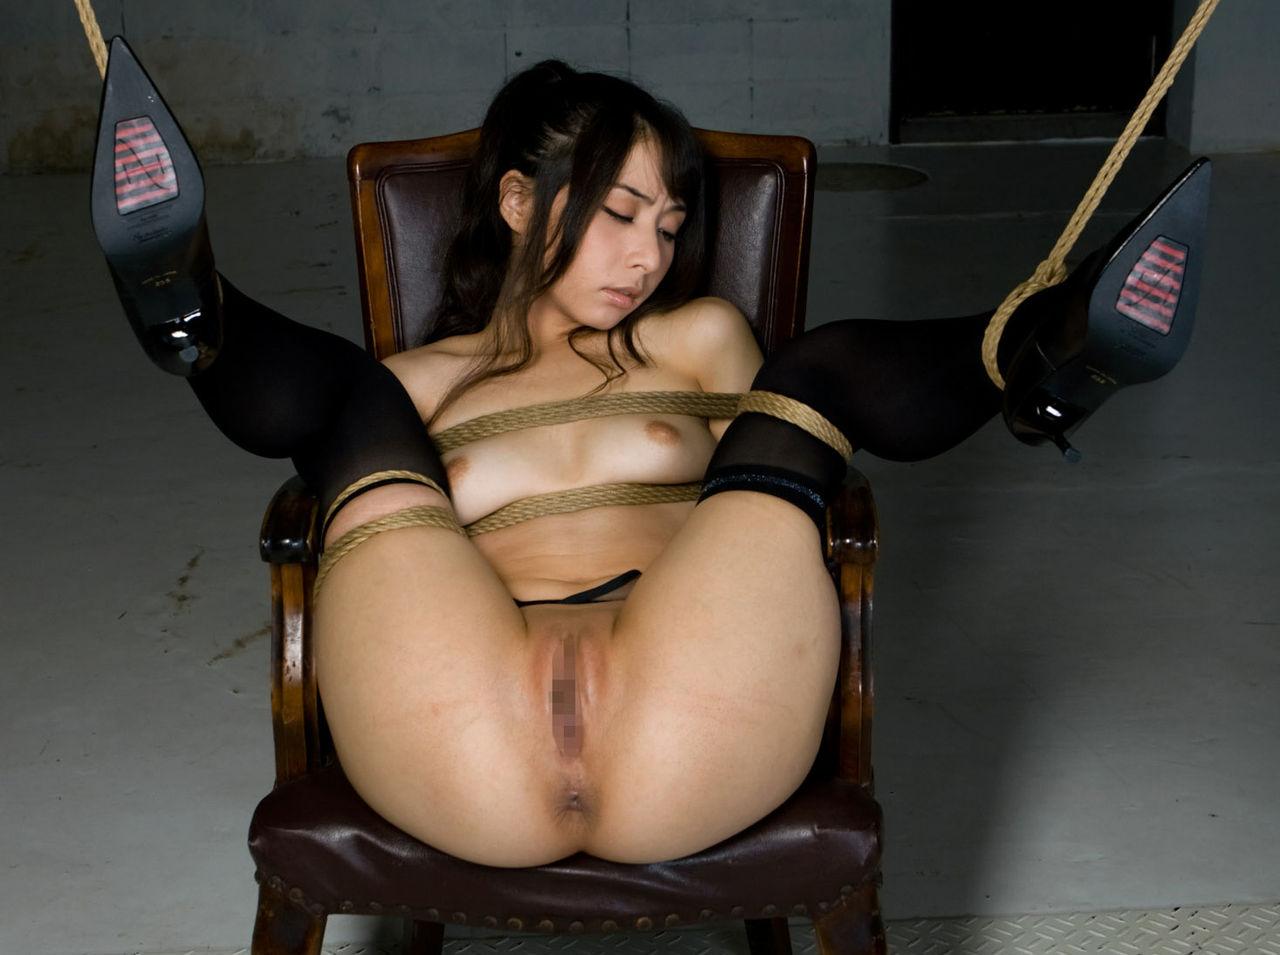 縛り女性鑑賞 無修正画像 7 【ヌード画像】縛られた女たちに感じるサディズムな欲望 07